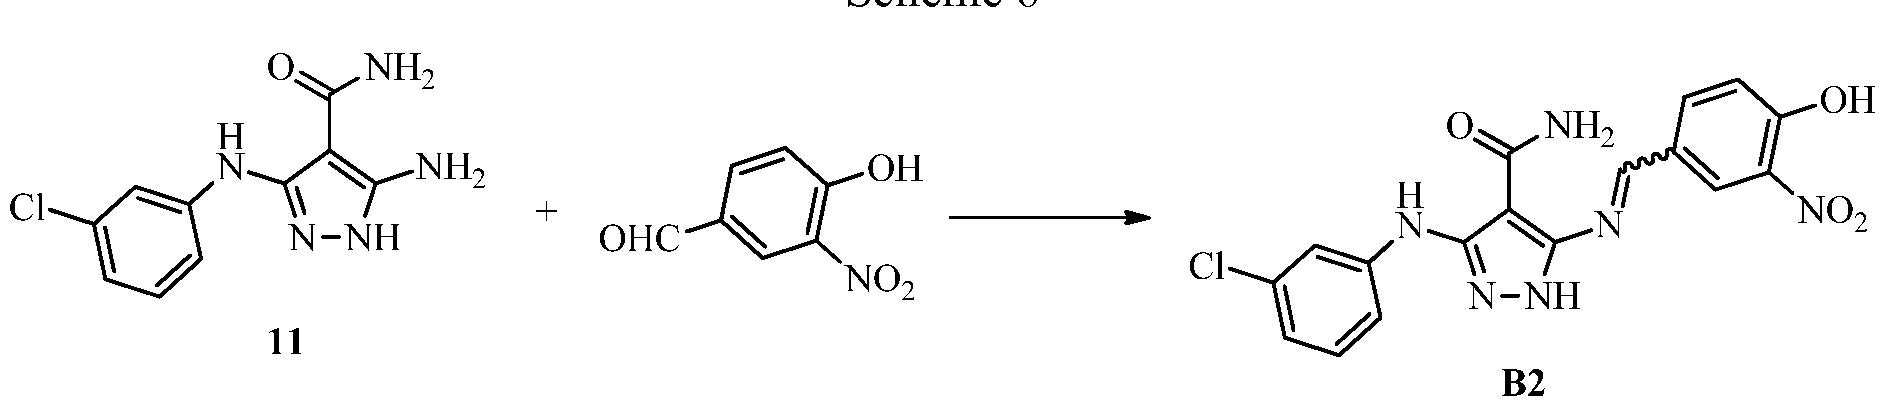 Figure imgf000121_0003